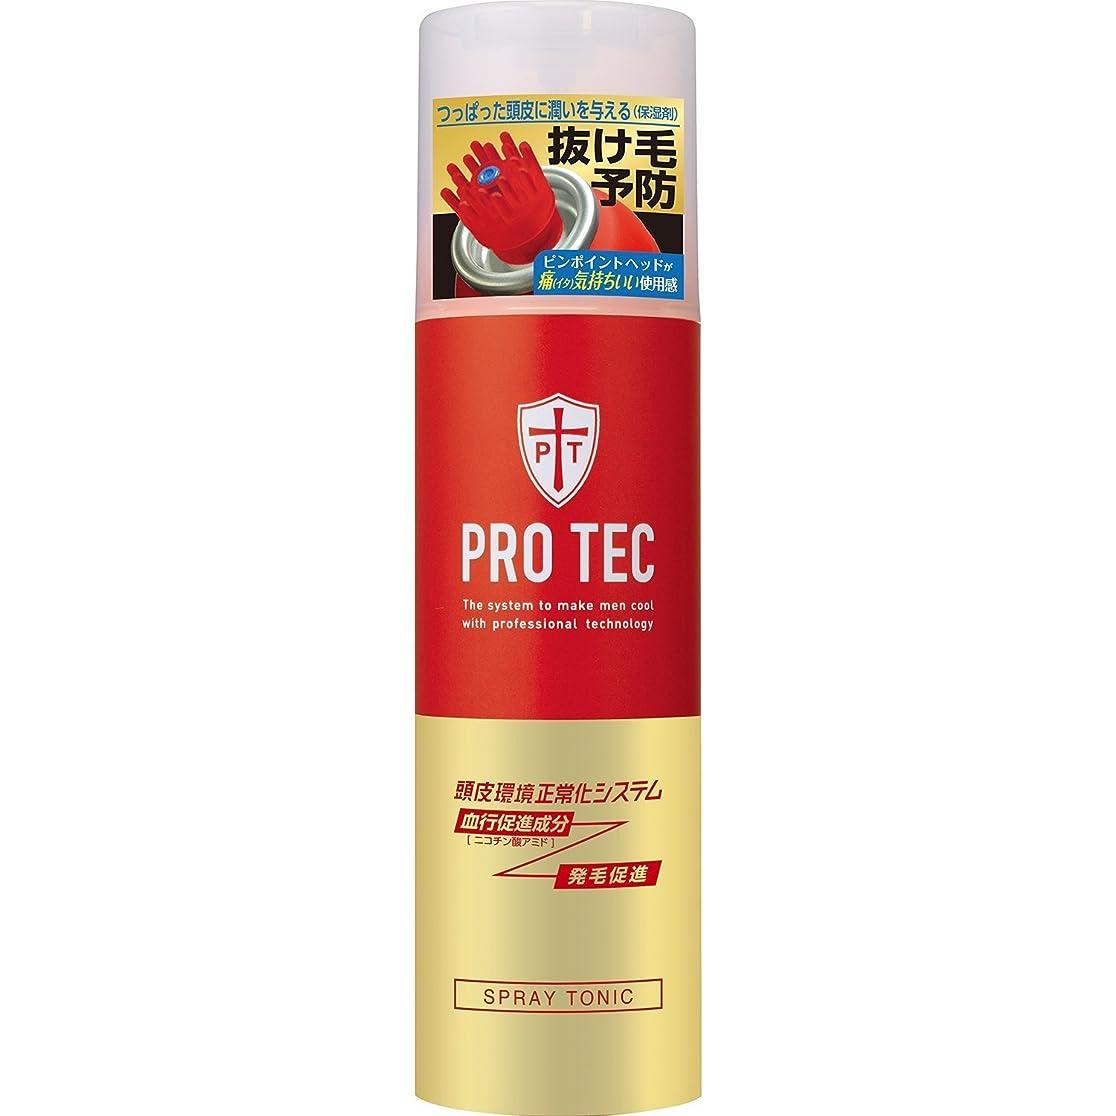 貪欲パンチ分岐するPRO TEC(プロテク) スプレートニック 150g (医薬部外品) ×20個セット